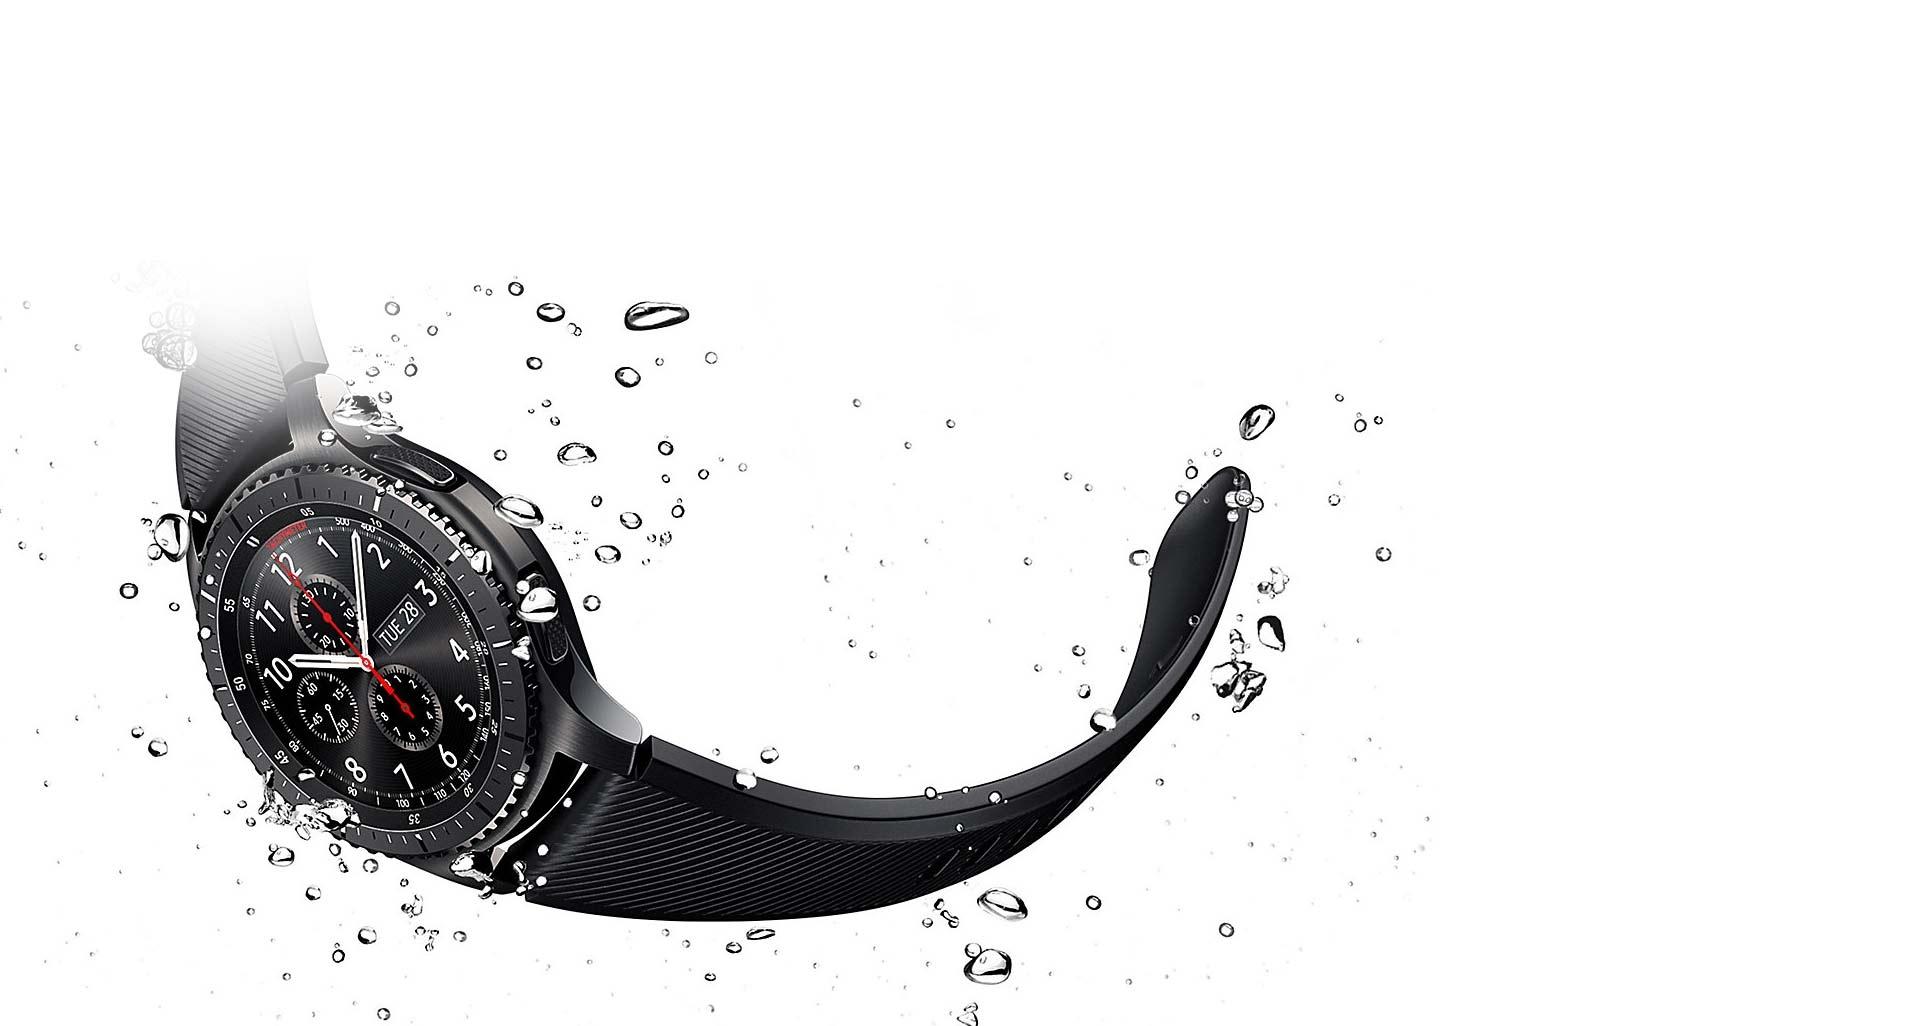 بند سیلیکونی ساعت گیر اس 3 سامسونگ مناسب با سبک زندگی شما